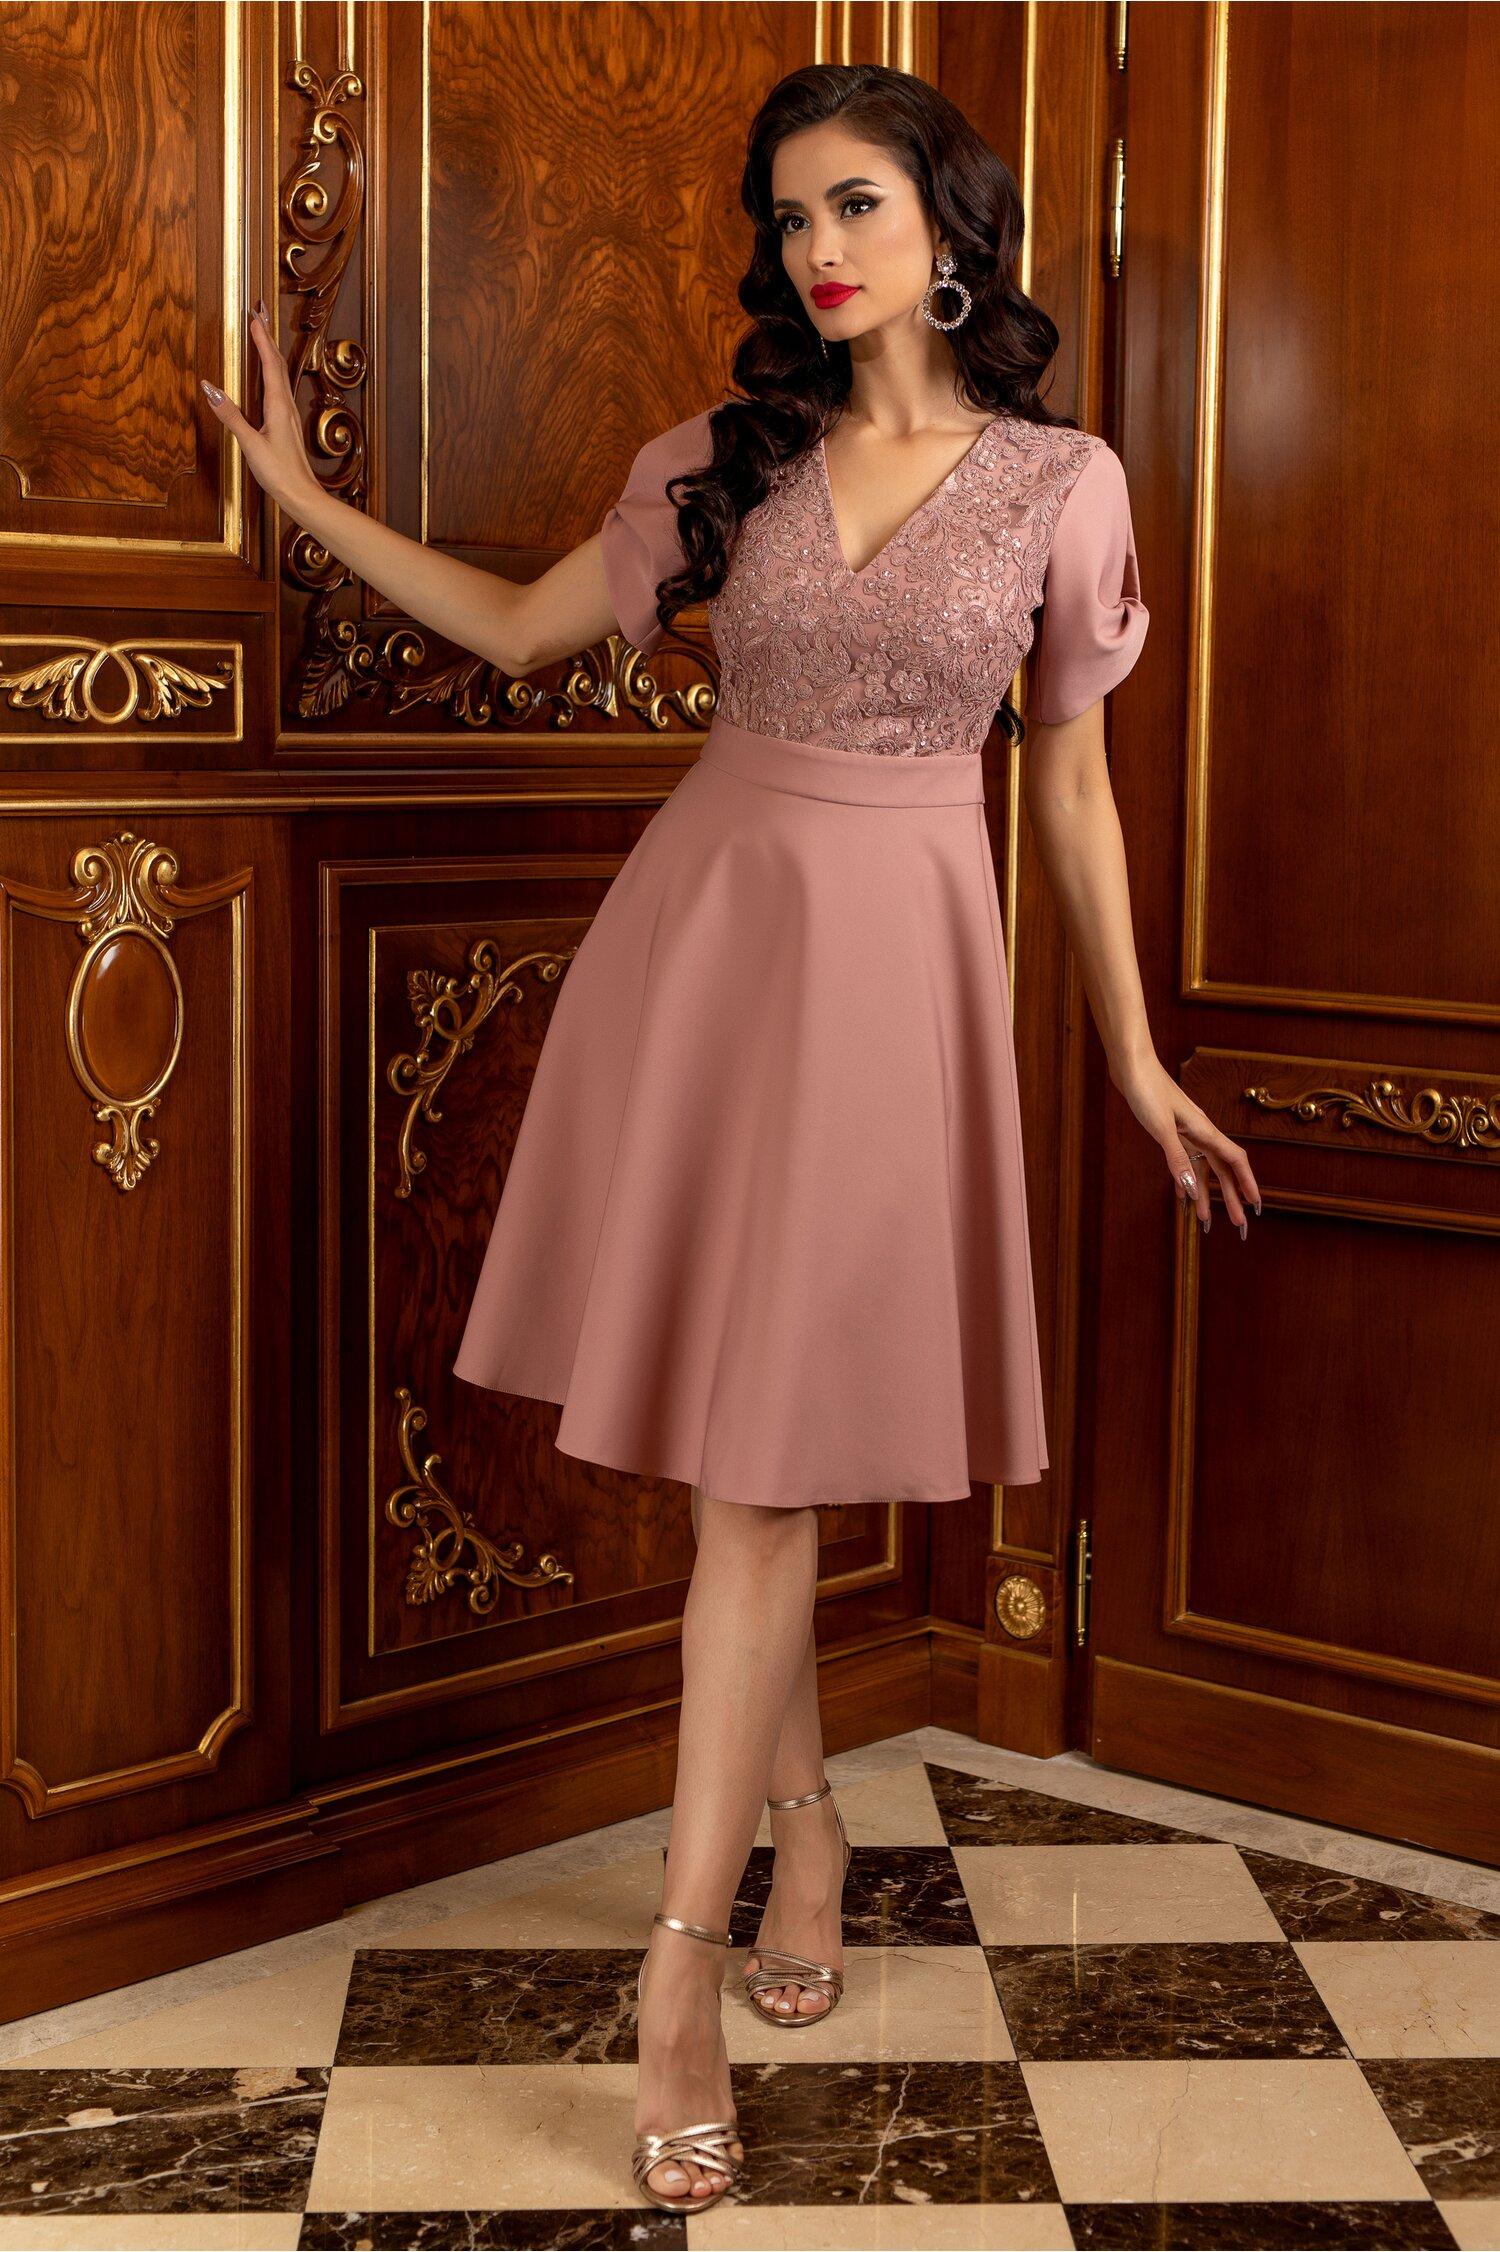 Rochie LaDonna roz decorata cu paiete si broderie la bust